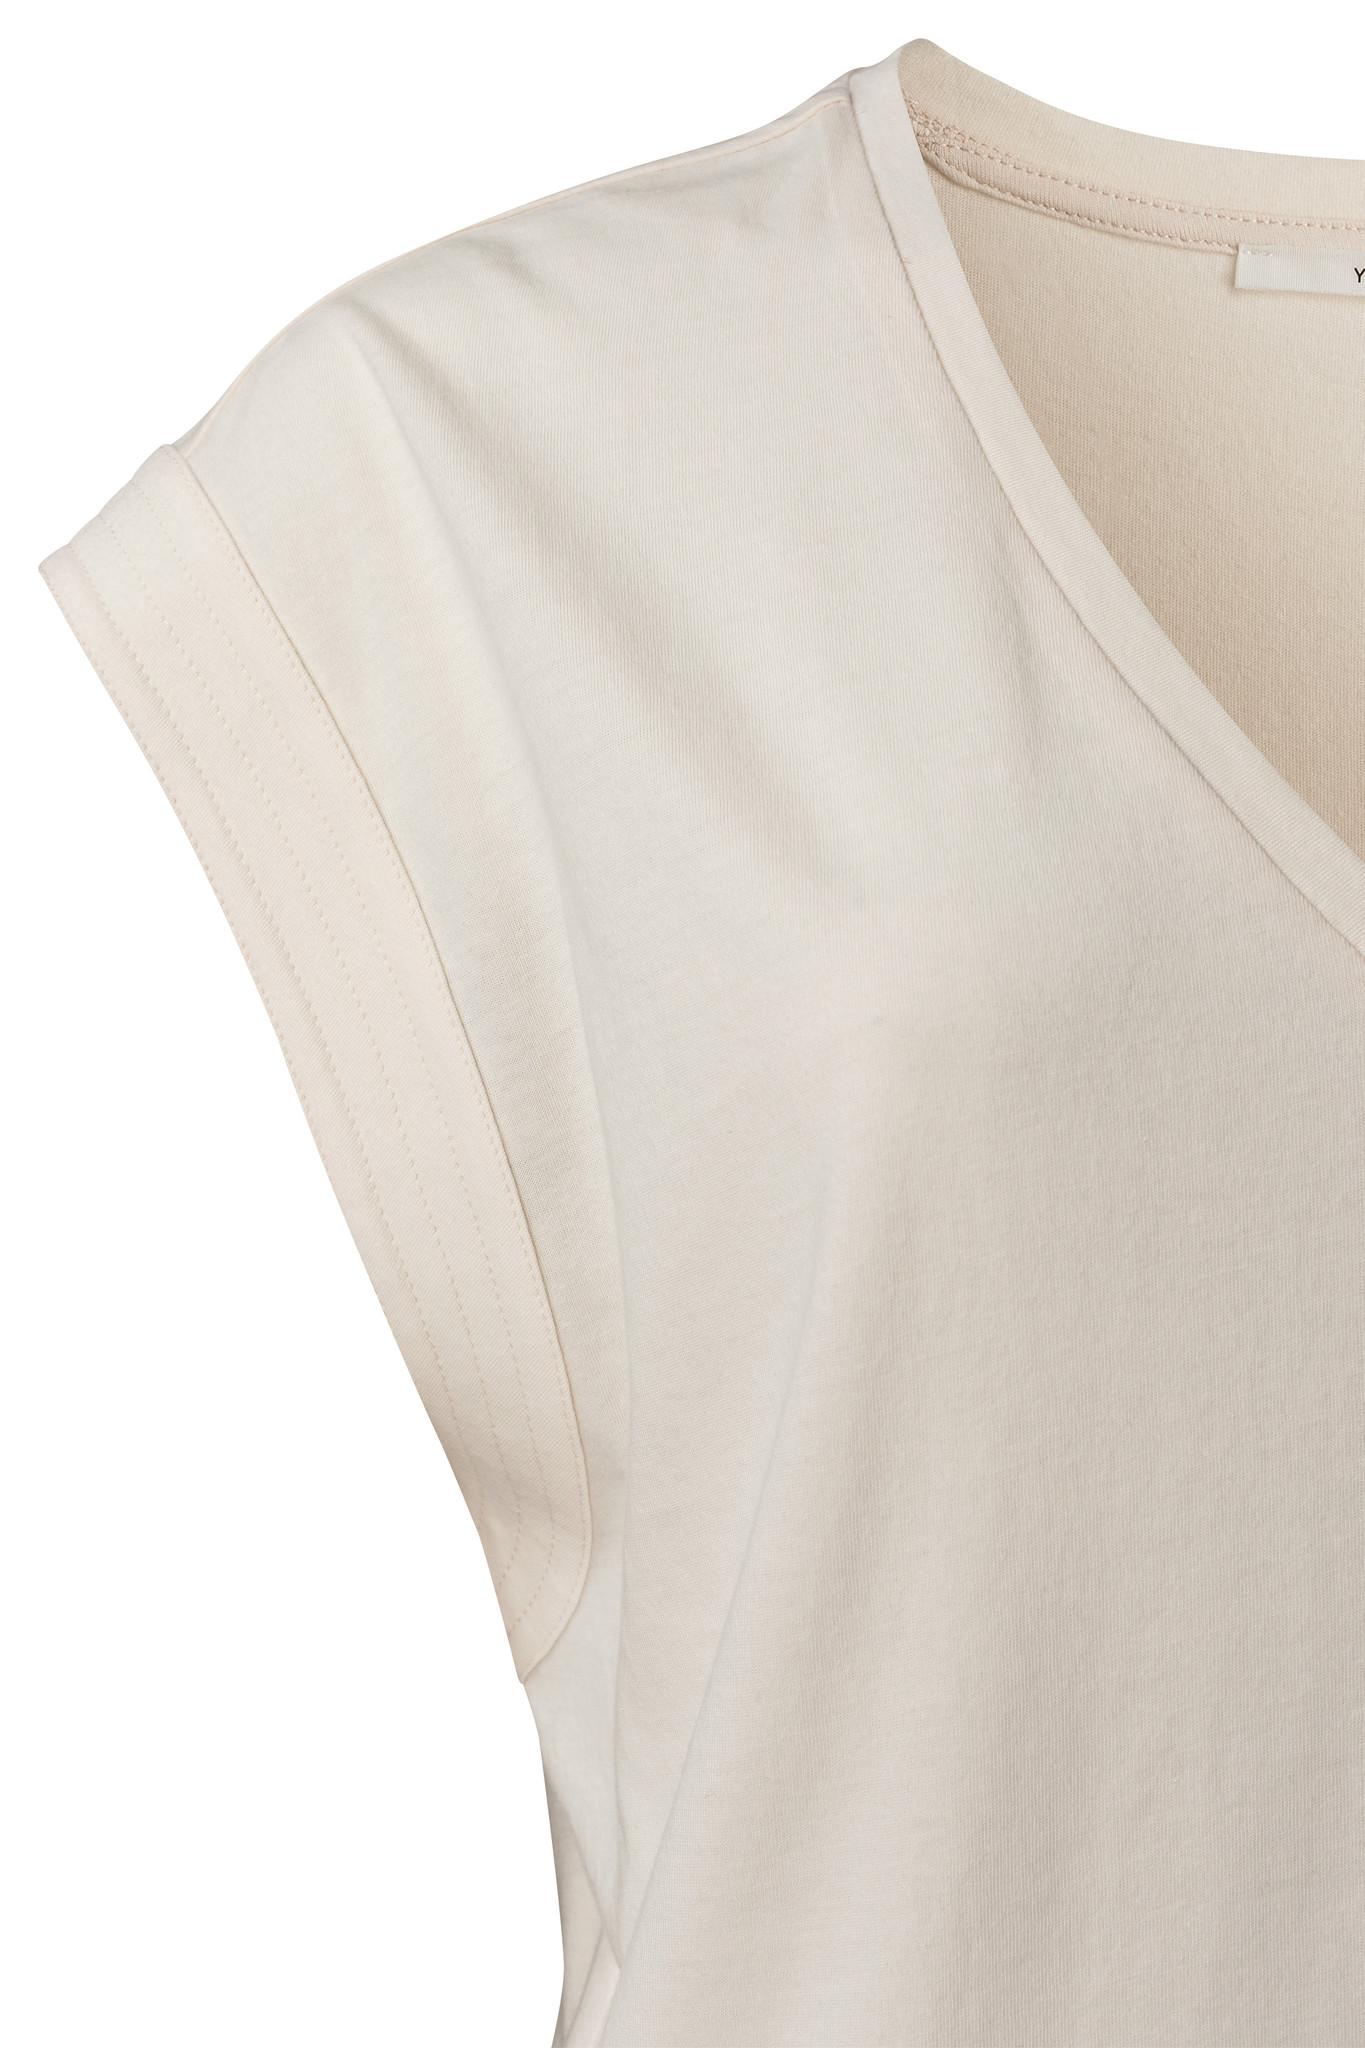 yaya V-neck top with stit 1909423-115-2